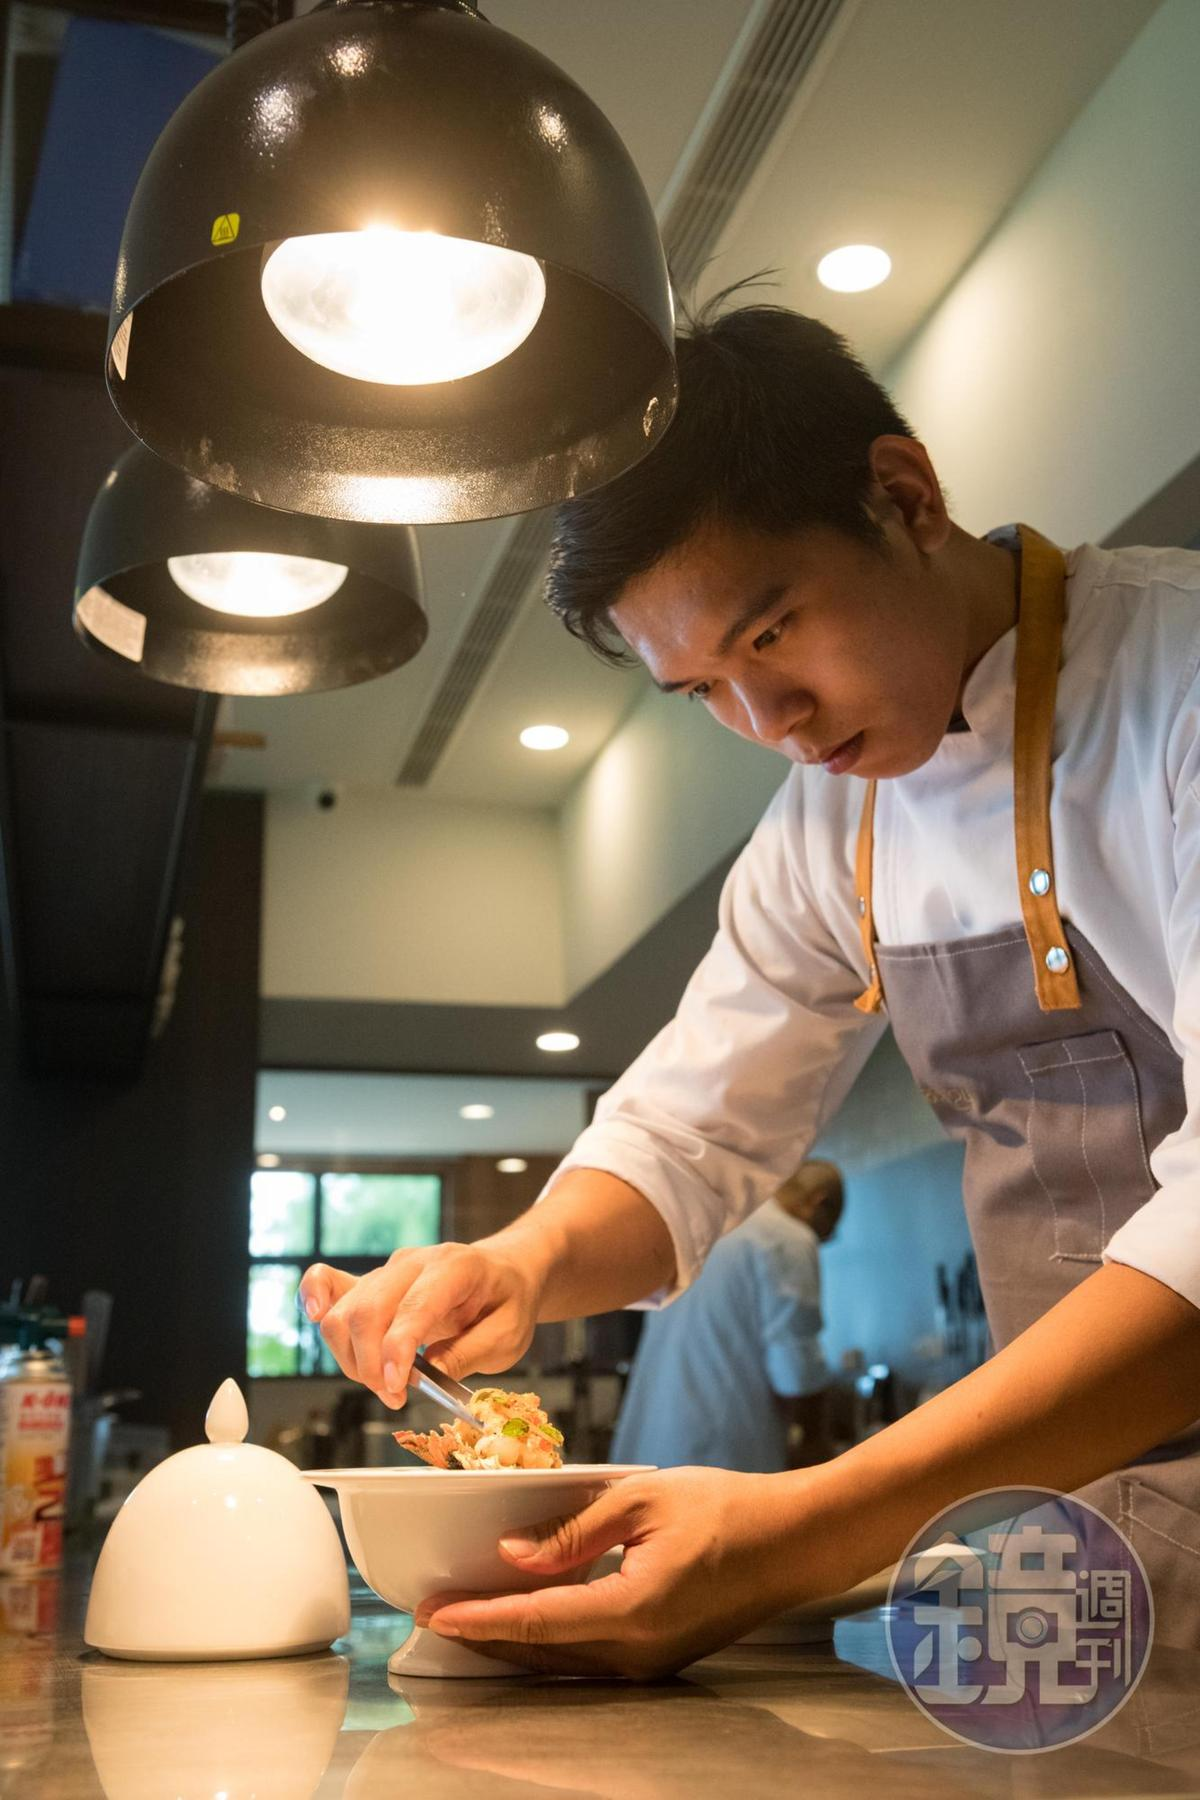 捨棄法國3星餐廳職位來到長濱的楊柏偉,以扎實的法菜技巧讓食材說話。